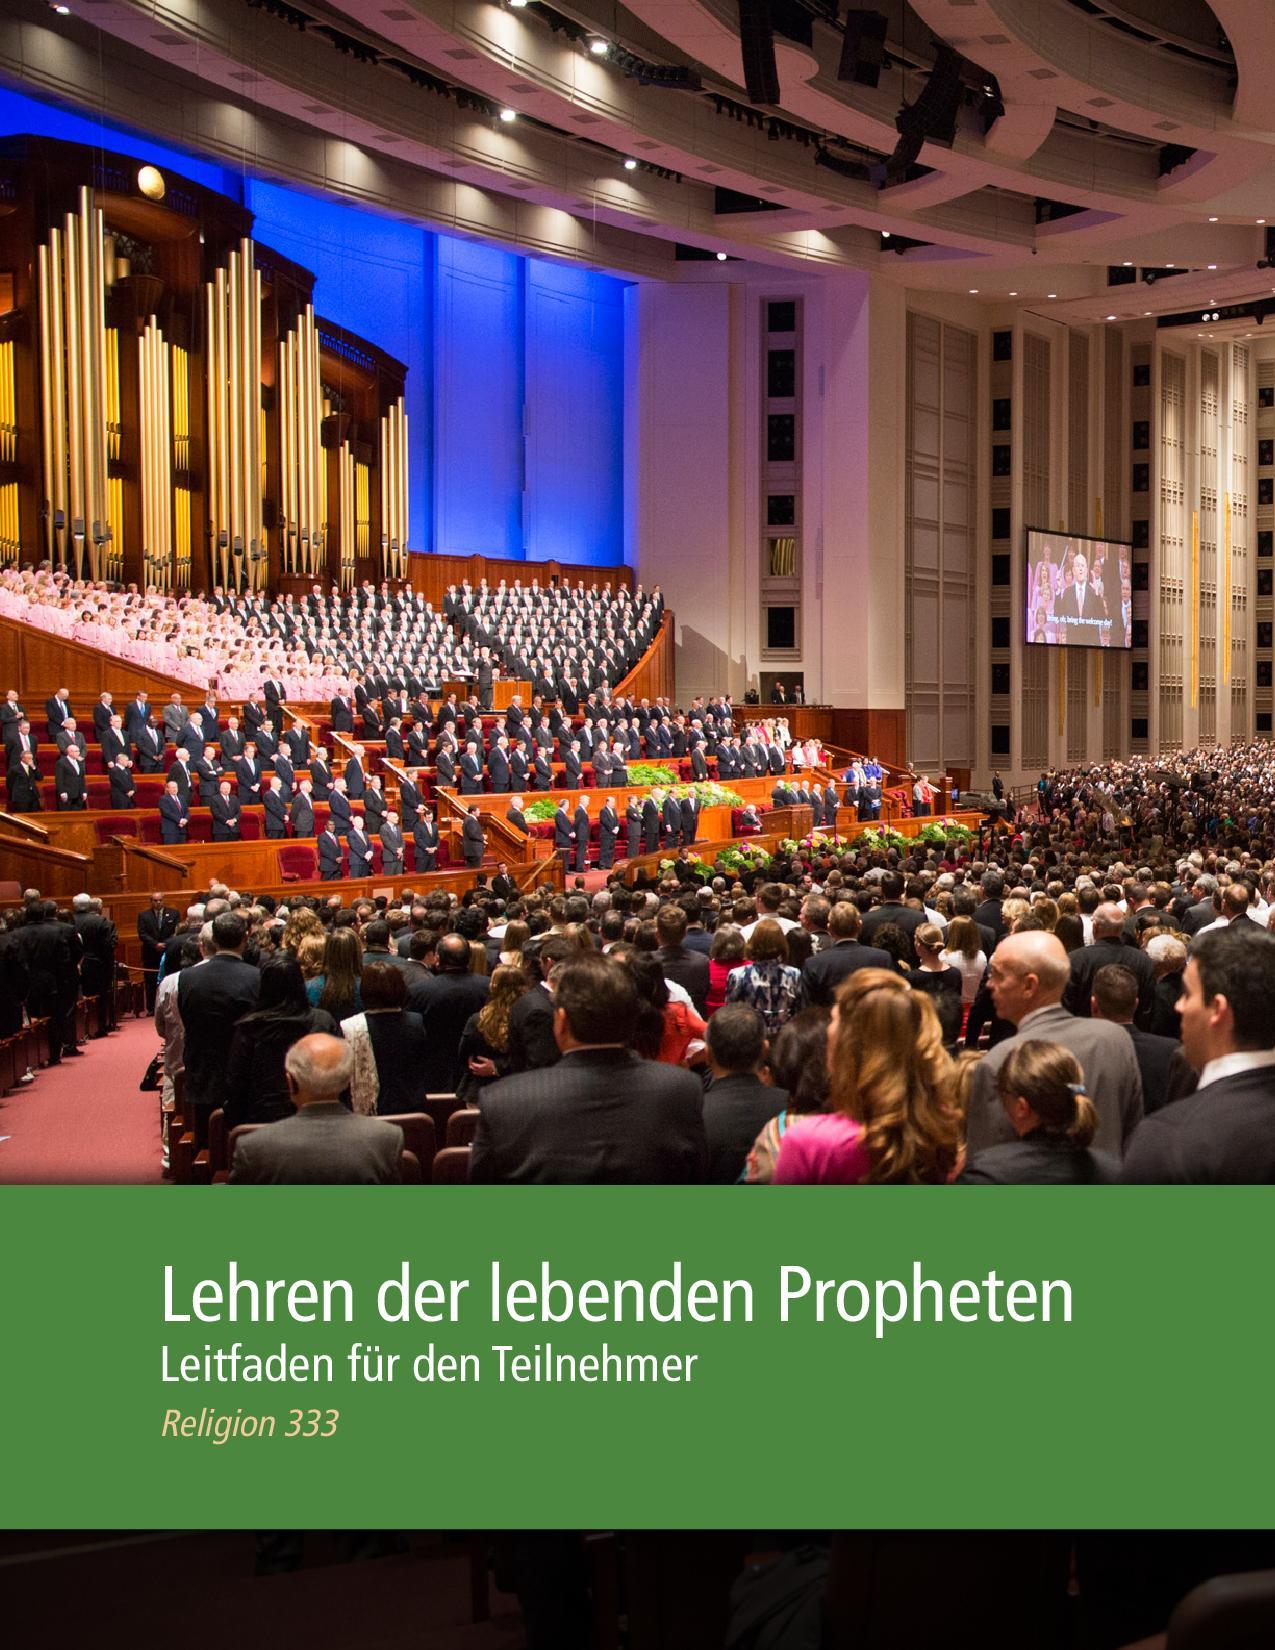 Lehren der lebenden Propheten – Leitfaden für den Teilnehmer